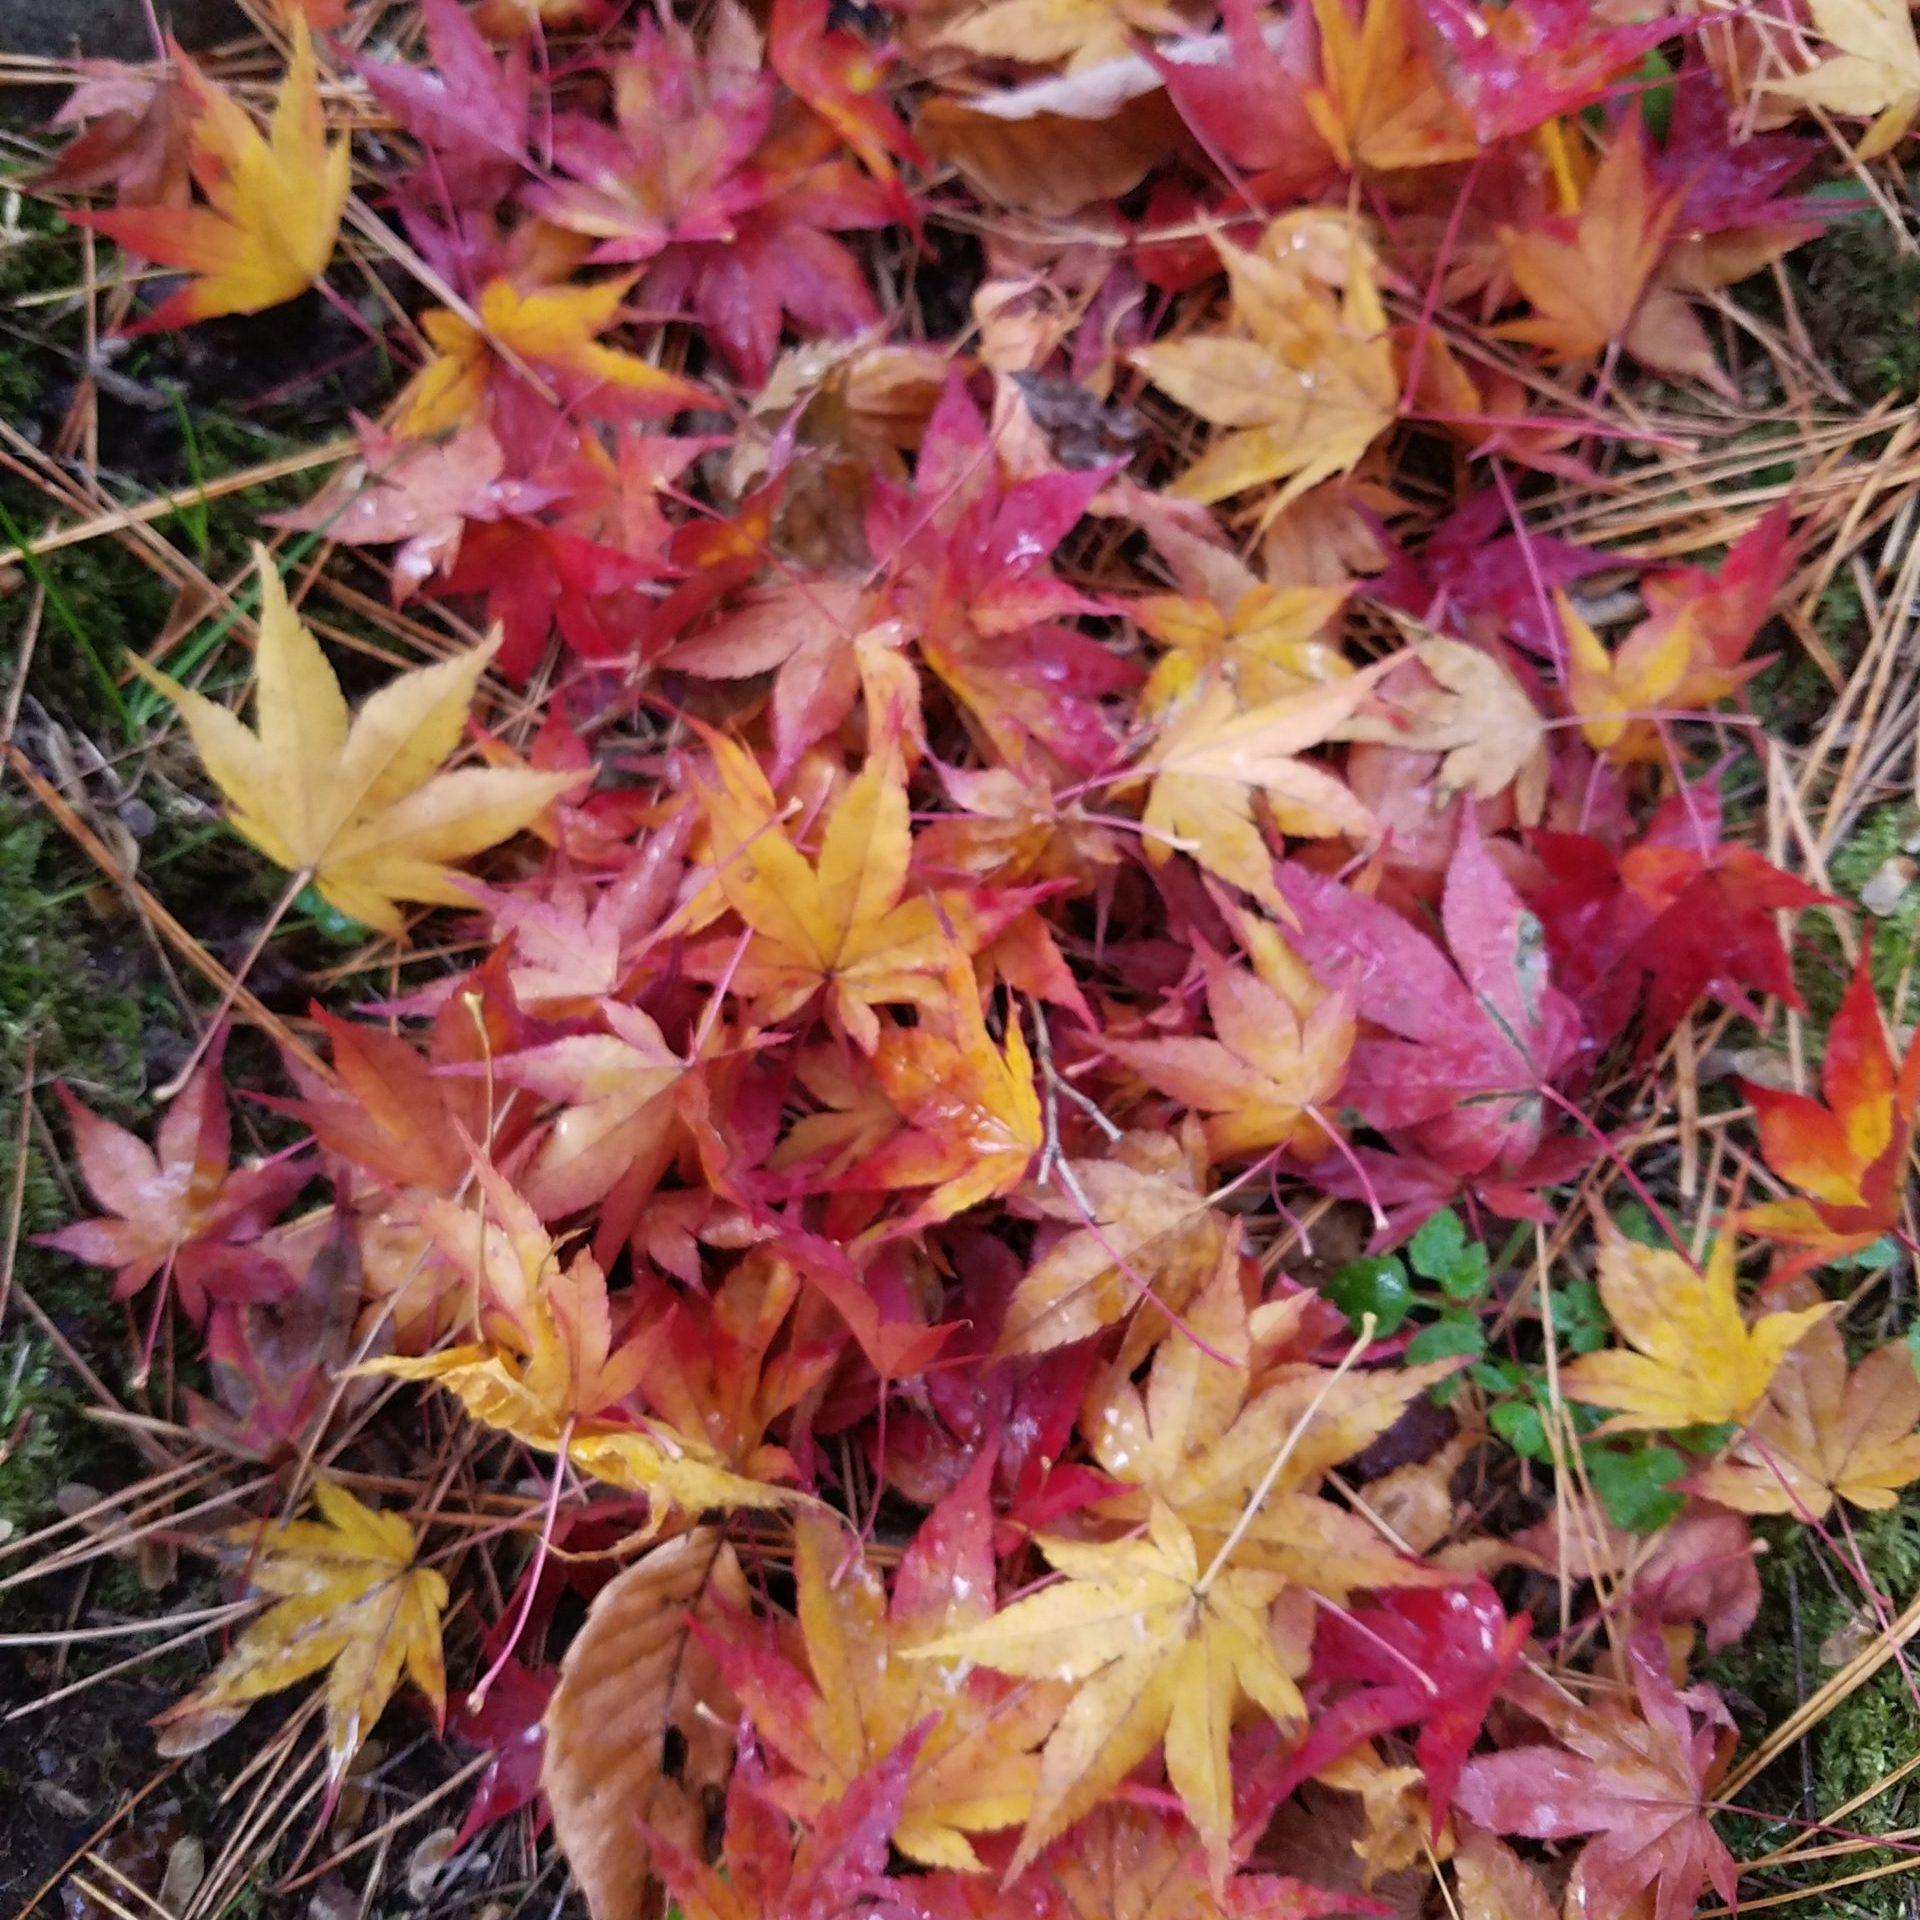 【終了しました】森林セラピストと歩く。@プレジャーピクニック*11月29日(日)10:00~12:00国際センター駅2F青葉の風テラス